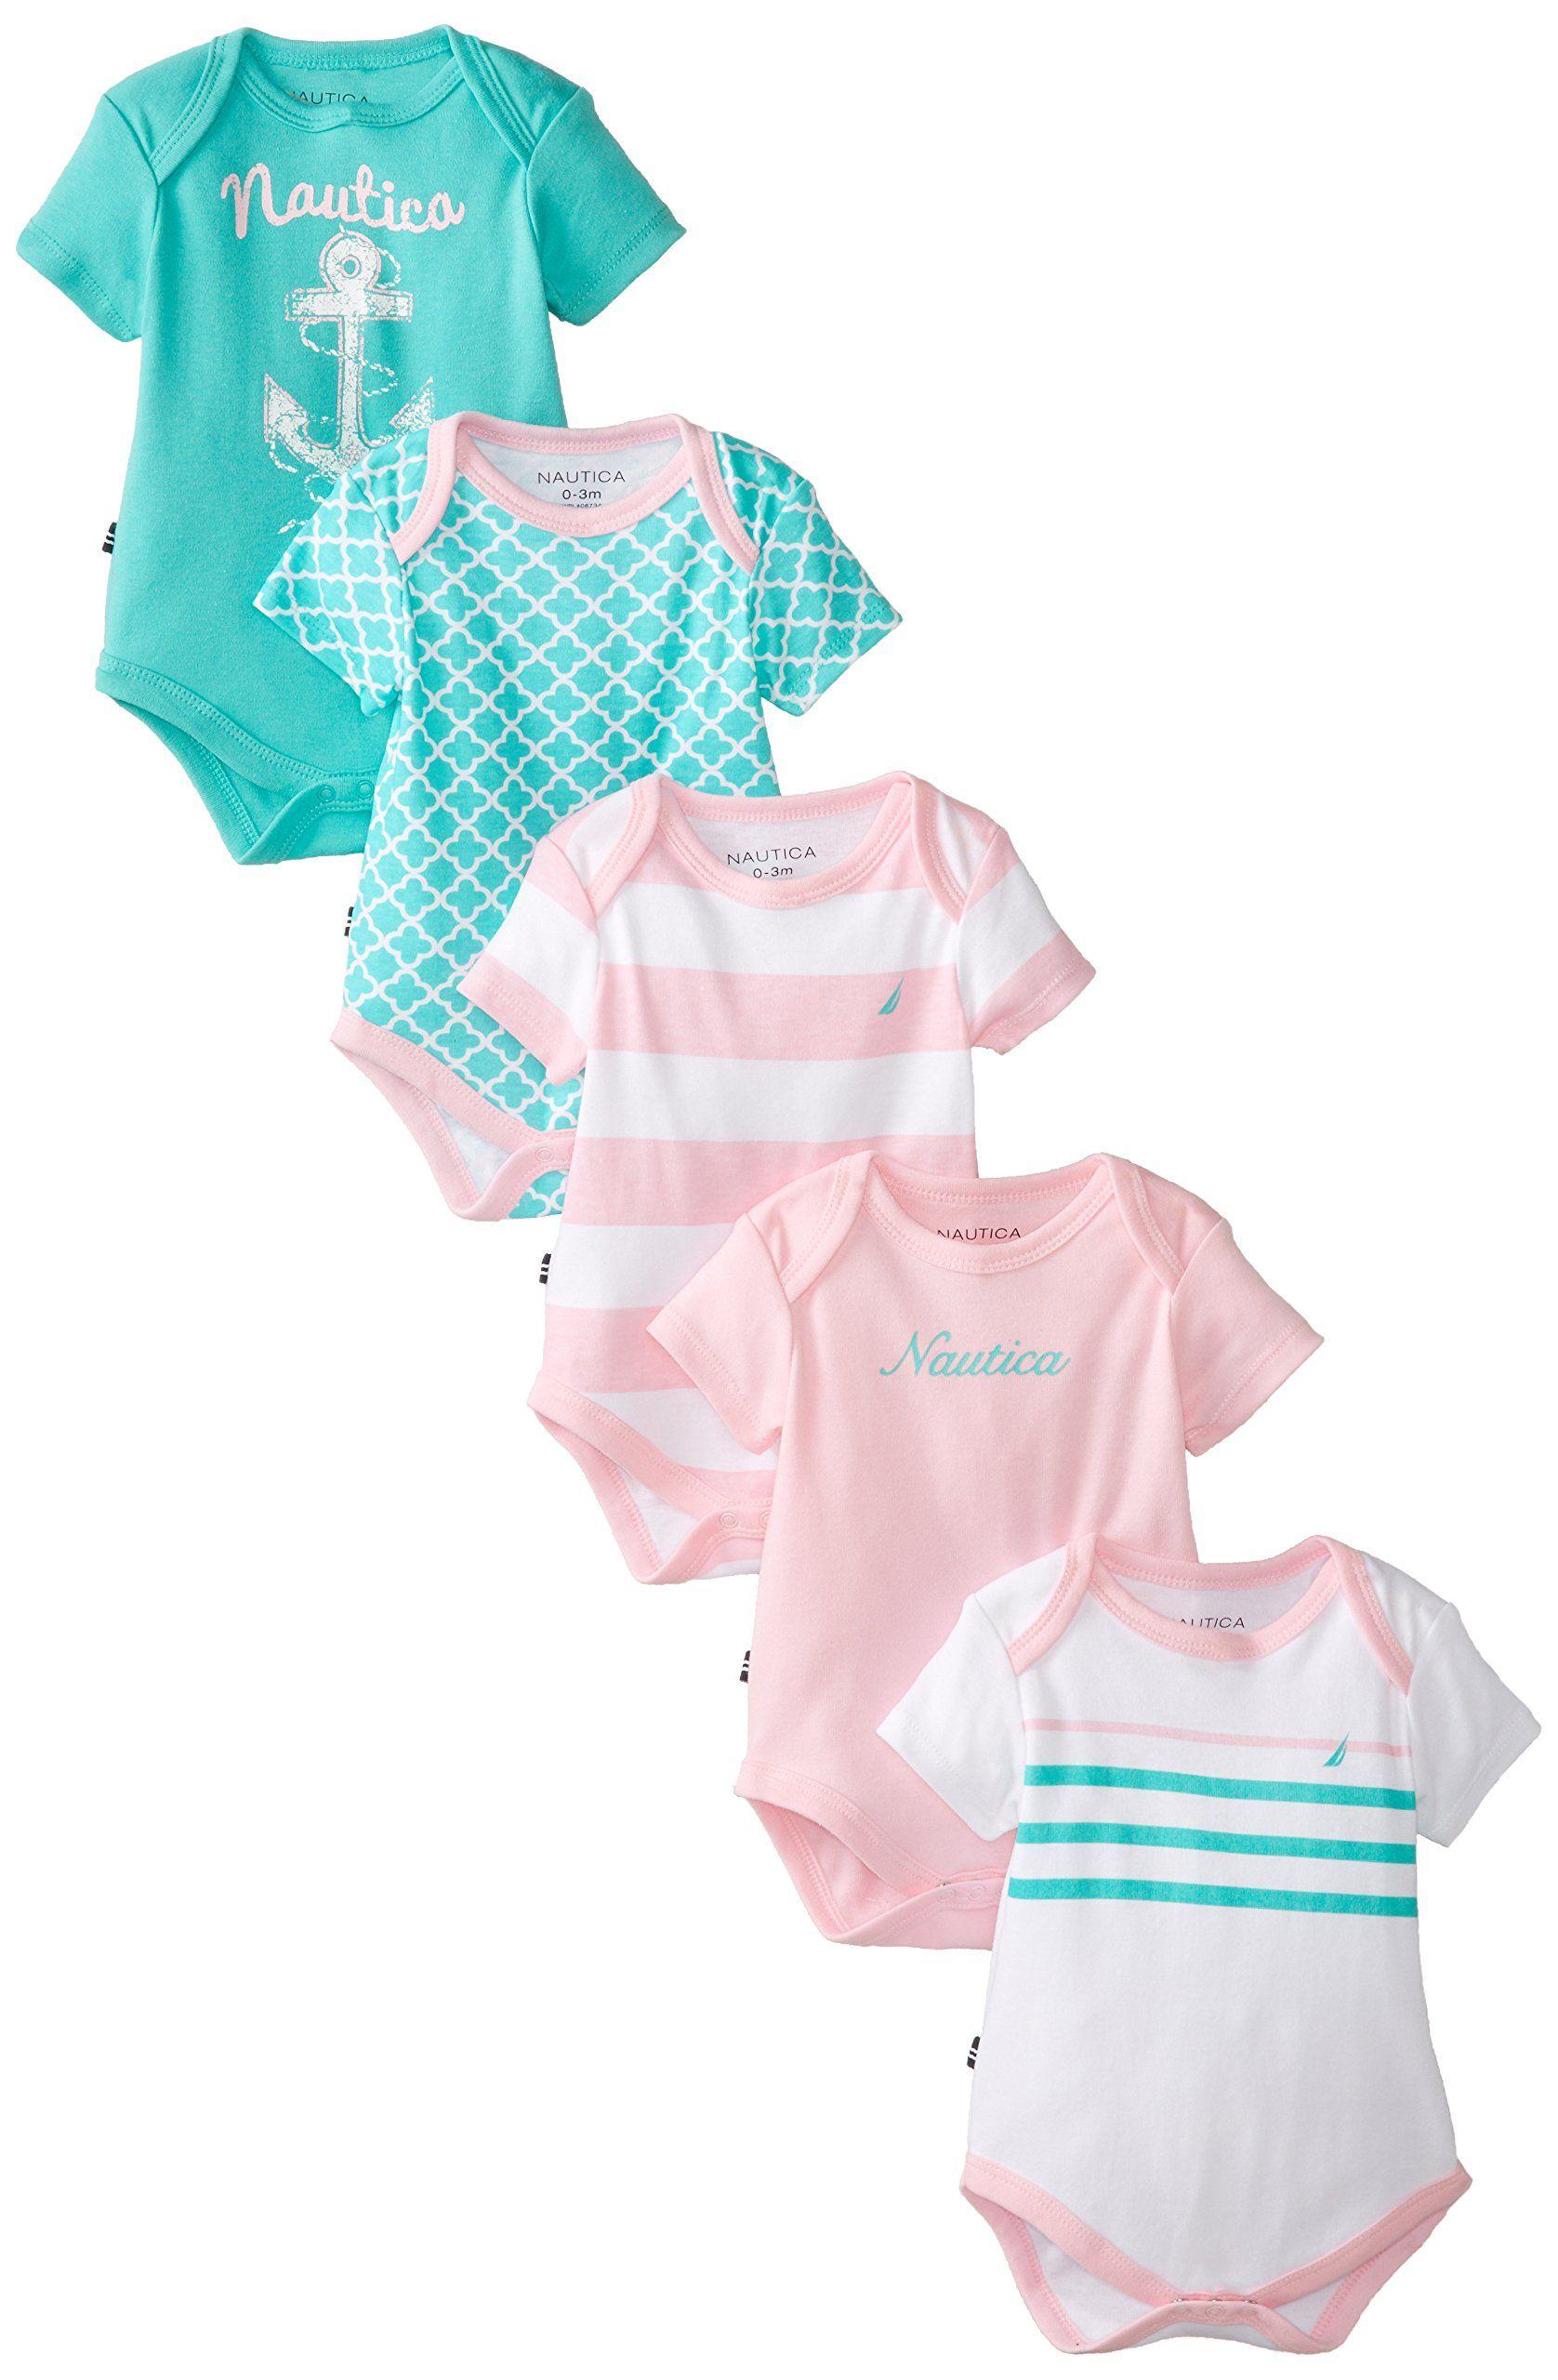 Amazon.com: Nautica Baby-Girls Newborn 5 Pack Assorted Baby Girl